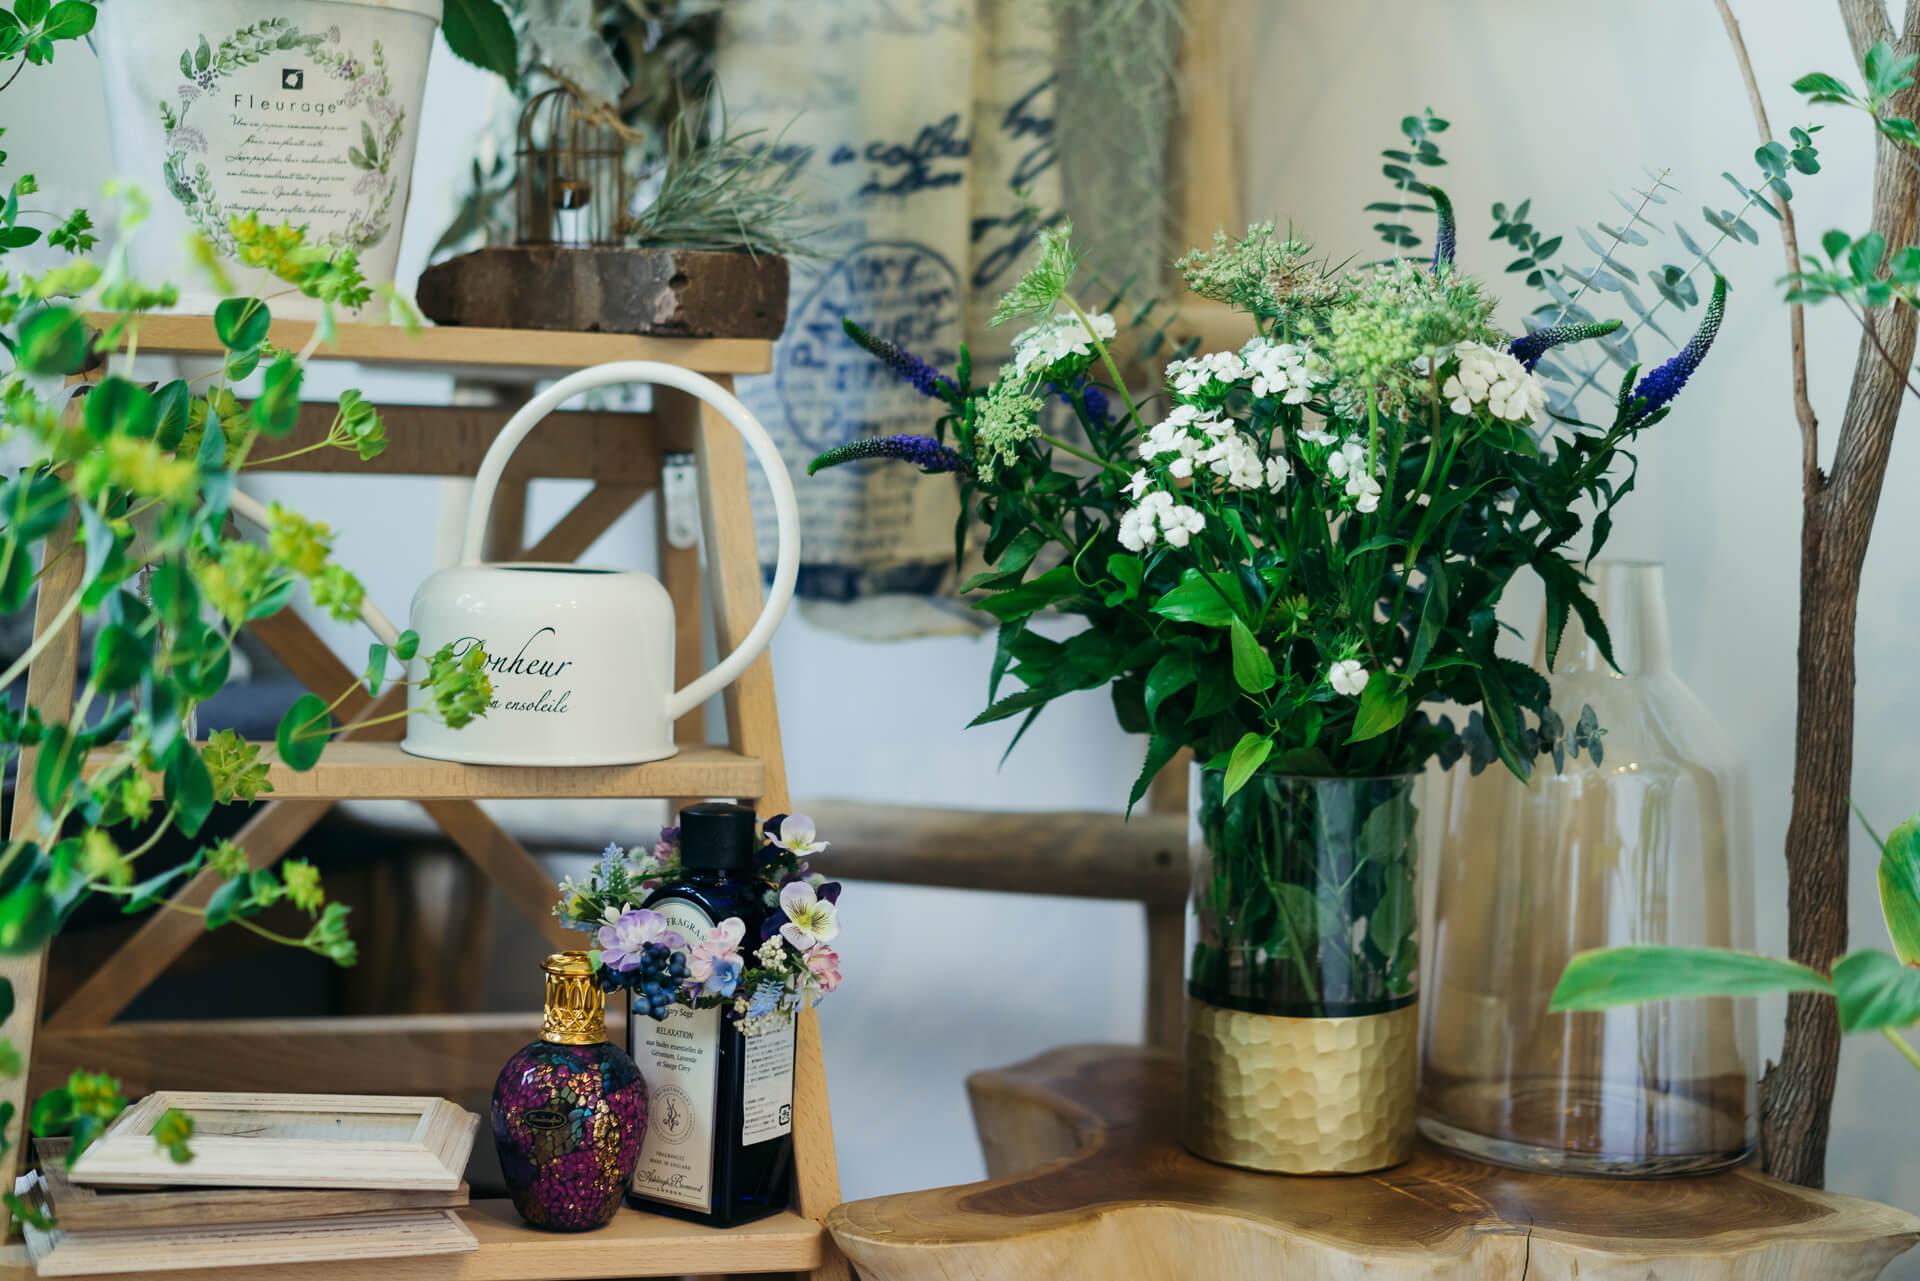 駅前の花屋さんにも、週に1度は足を運んで、お花を選びます。「グリーンだけじゃなく、お花も置くようにすると、部屋が華やぐので」